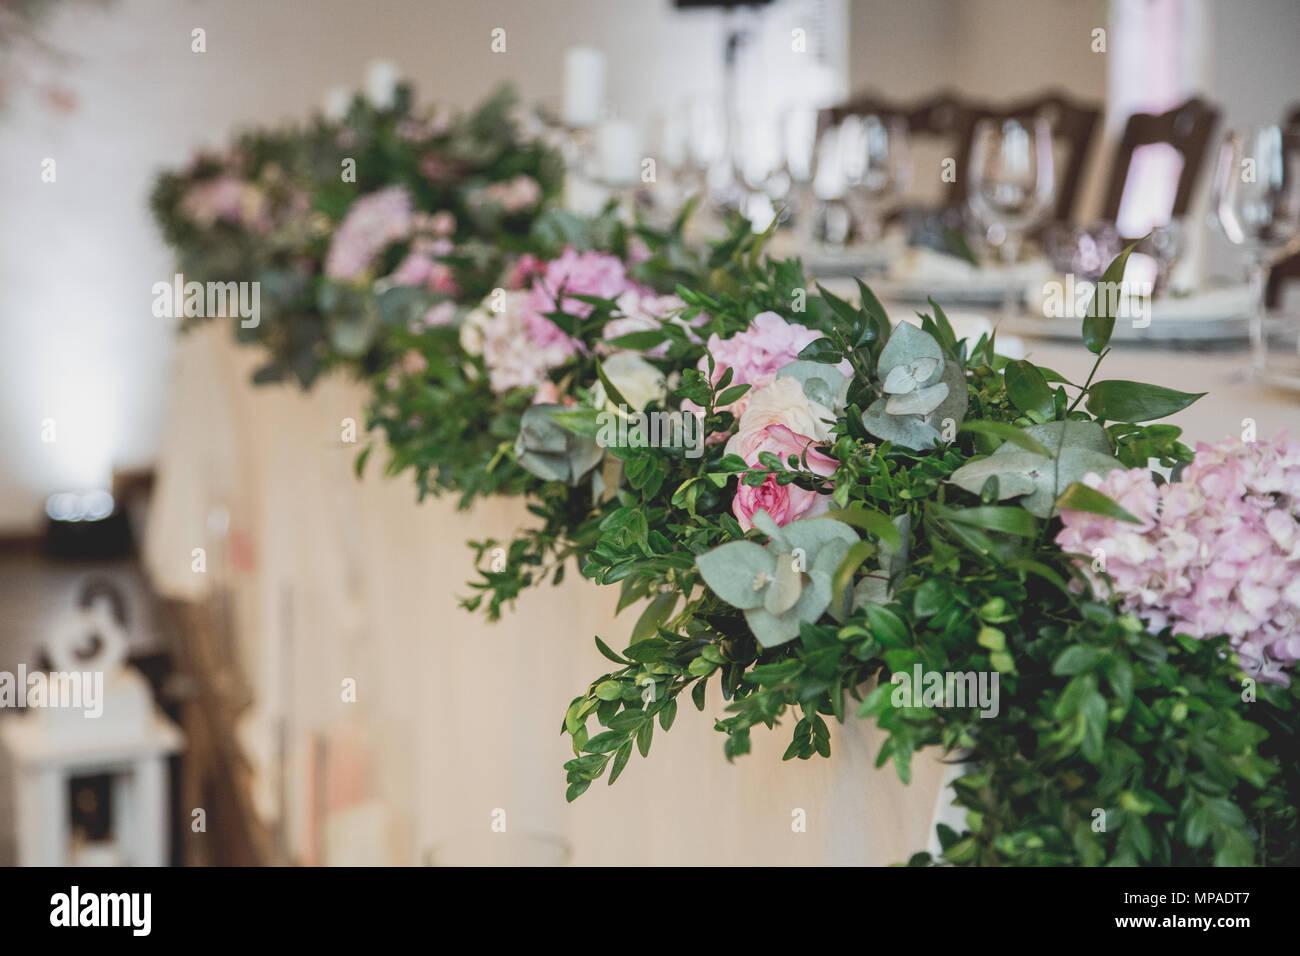 Hochzeit Tisch Im Restaurant Mit Vielen Transparenten Gläser